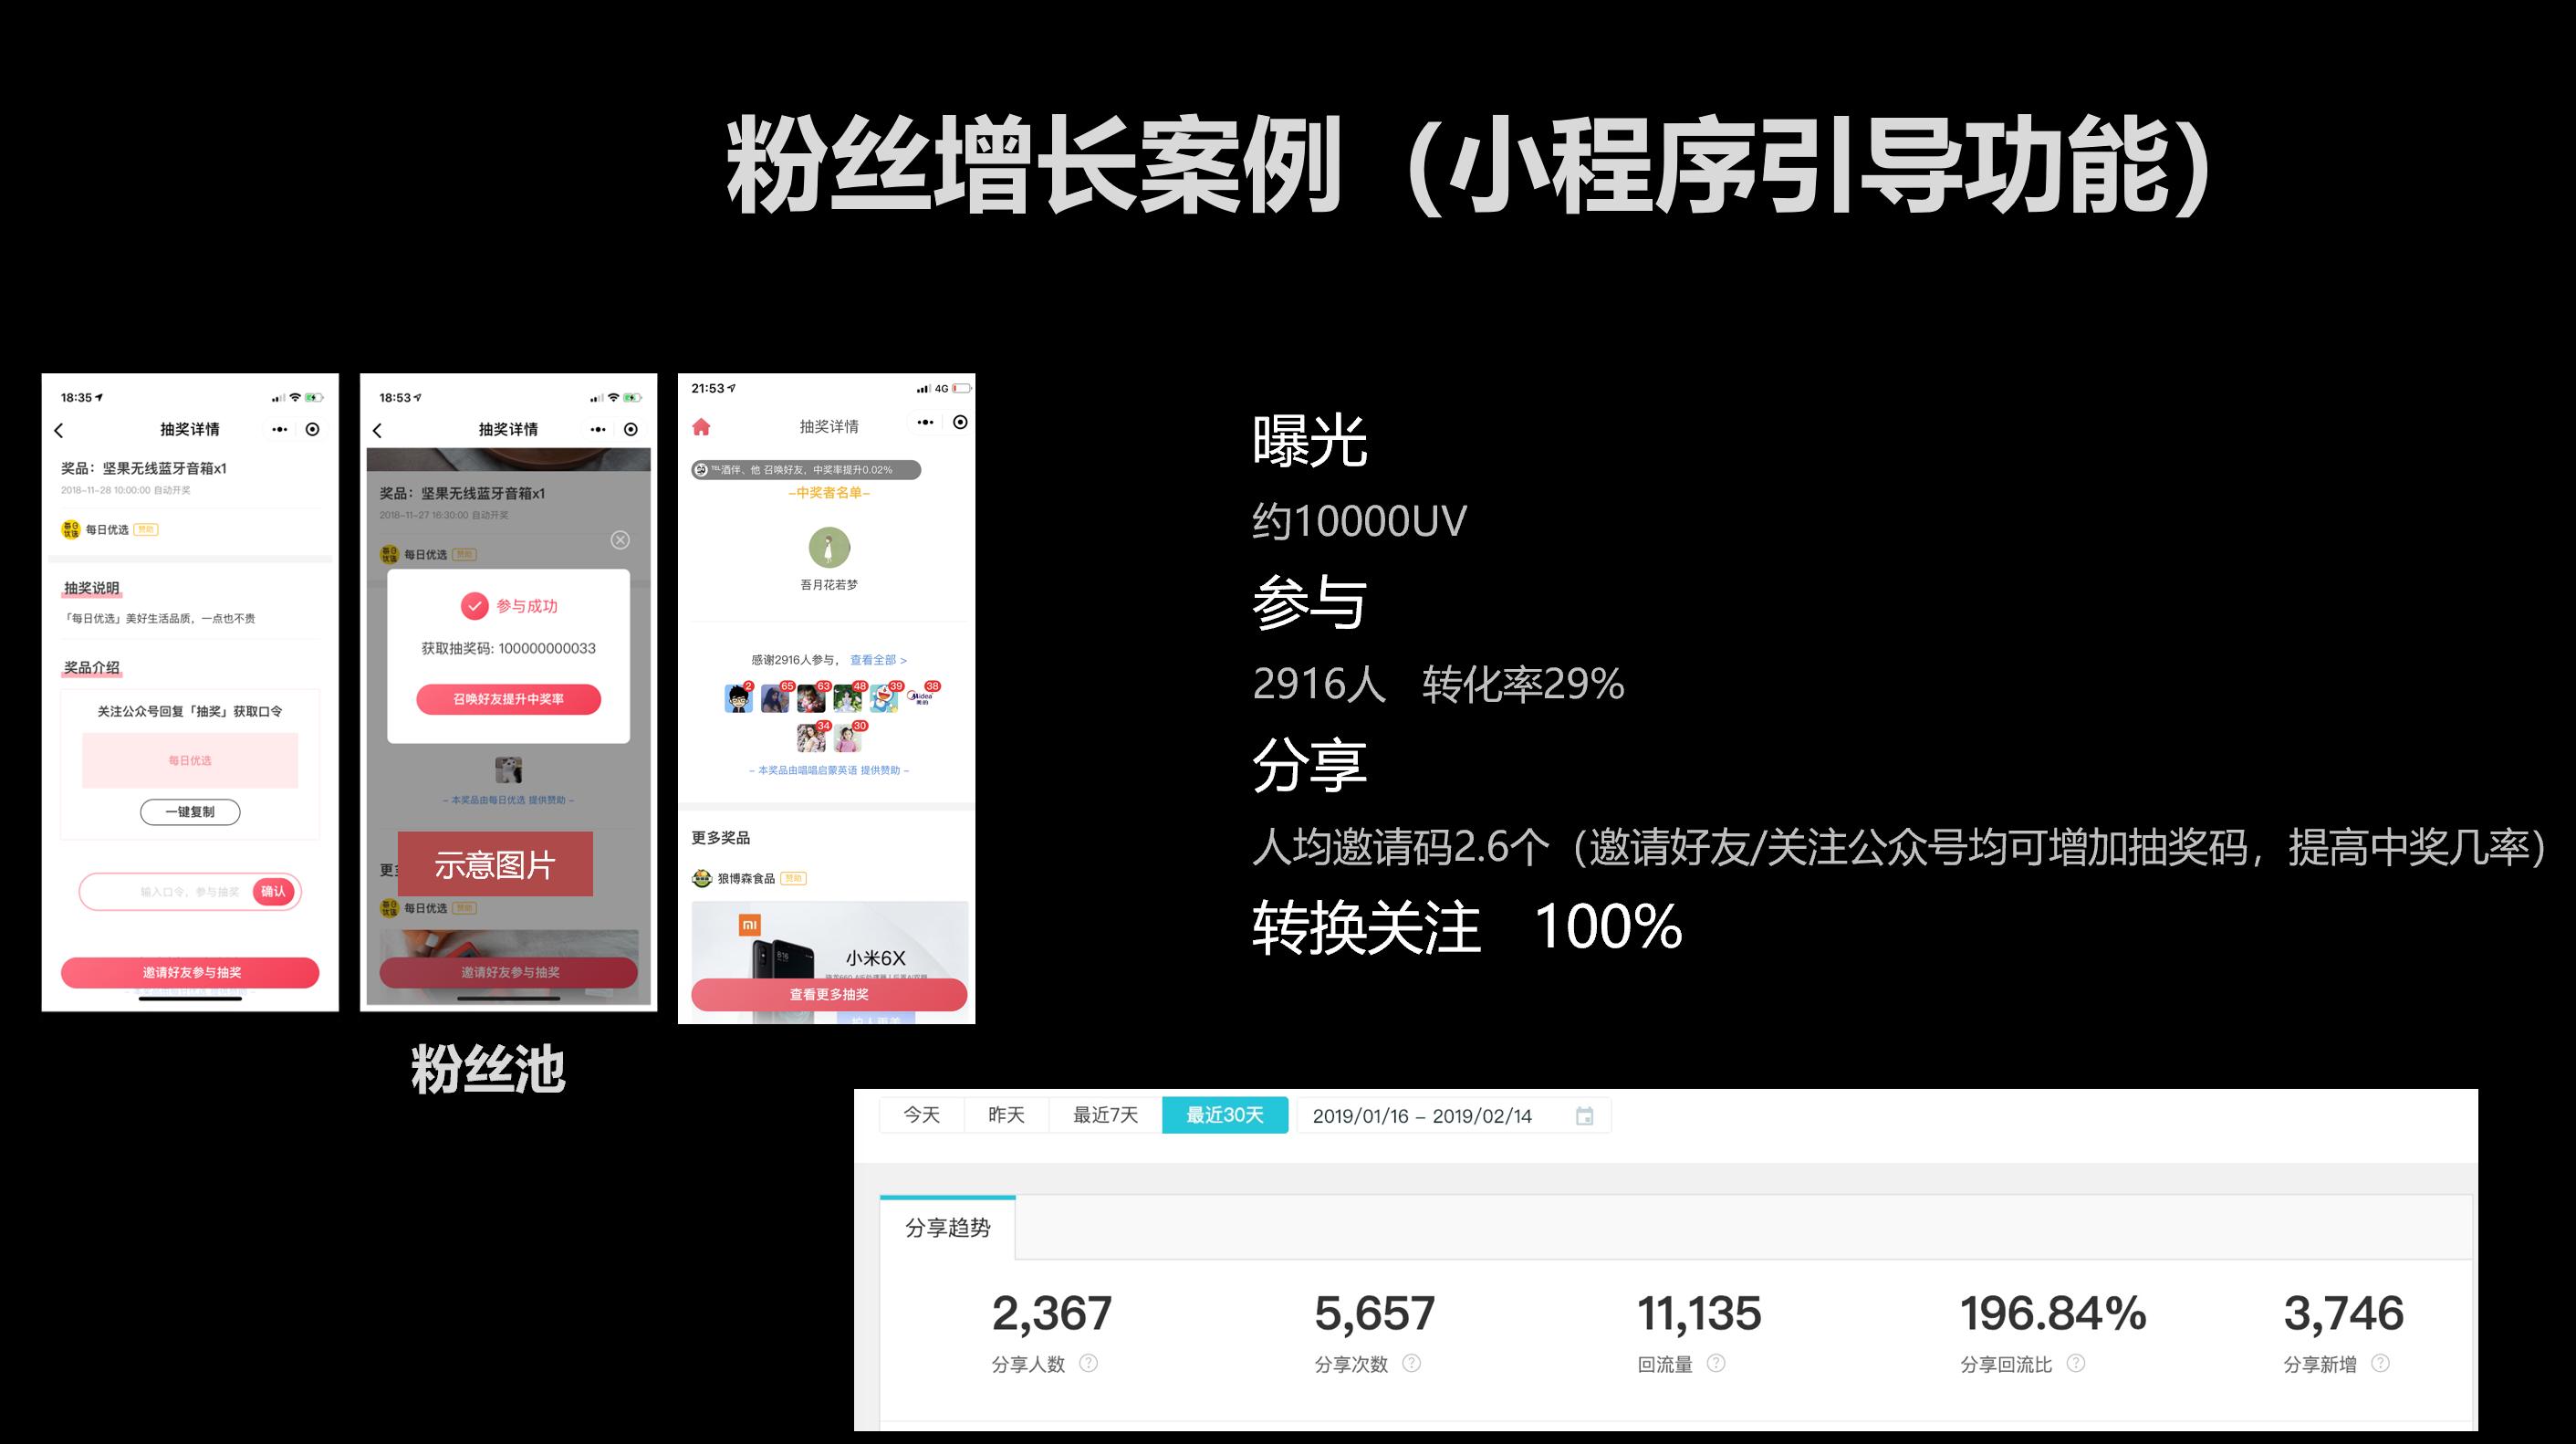 鸟哥笔记,新媒体运营,陈鸿,案例分析,增长,裂变,H5,裂变